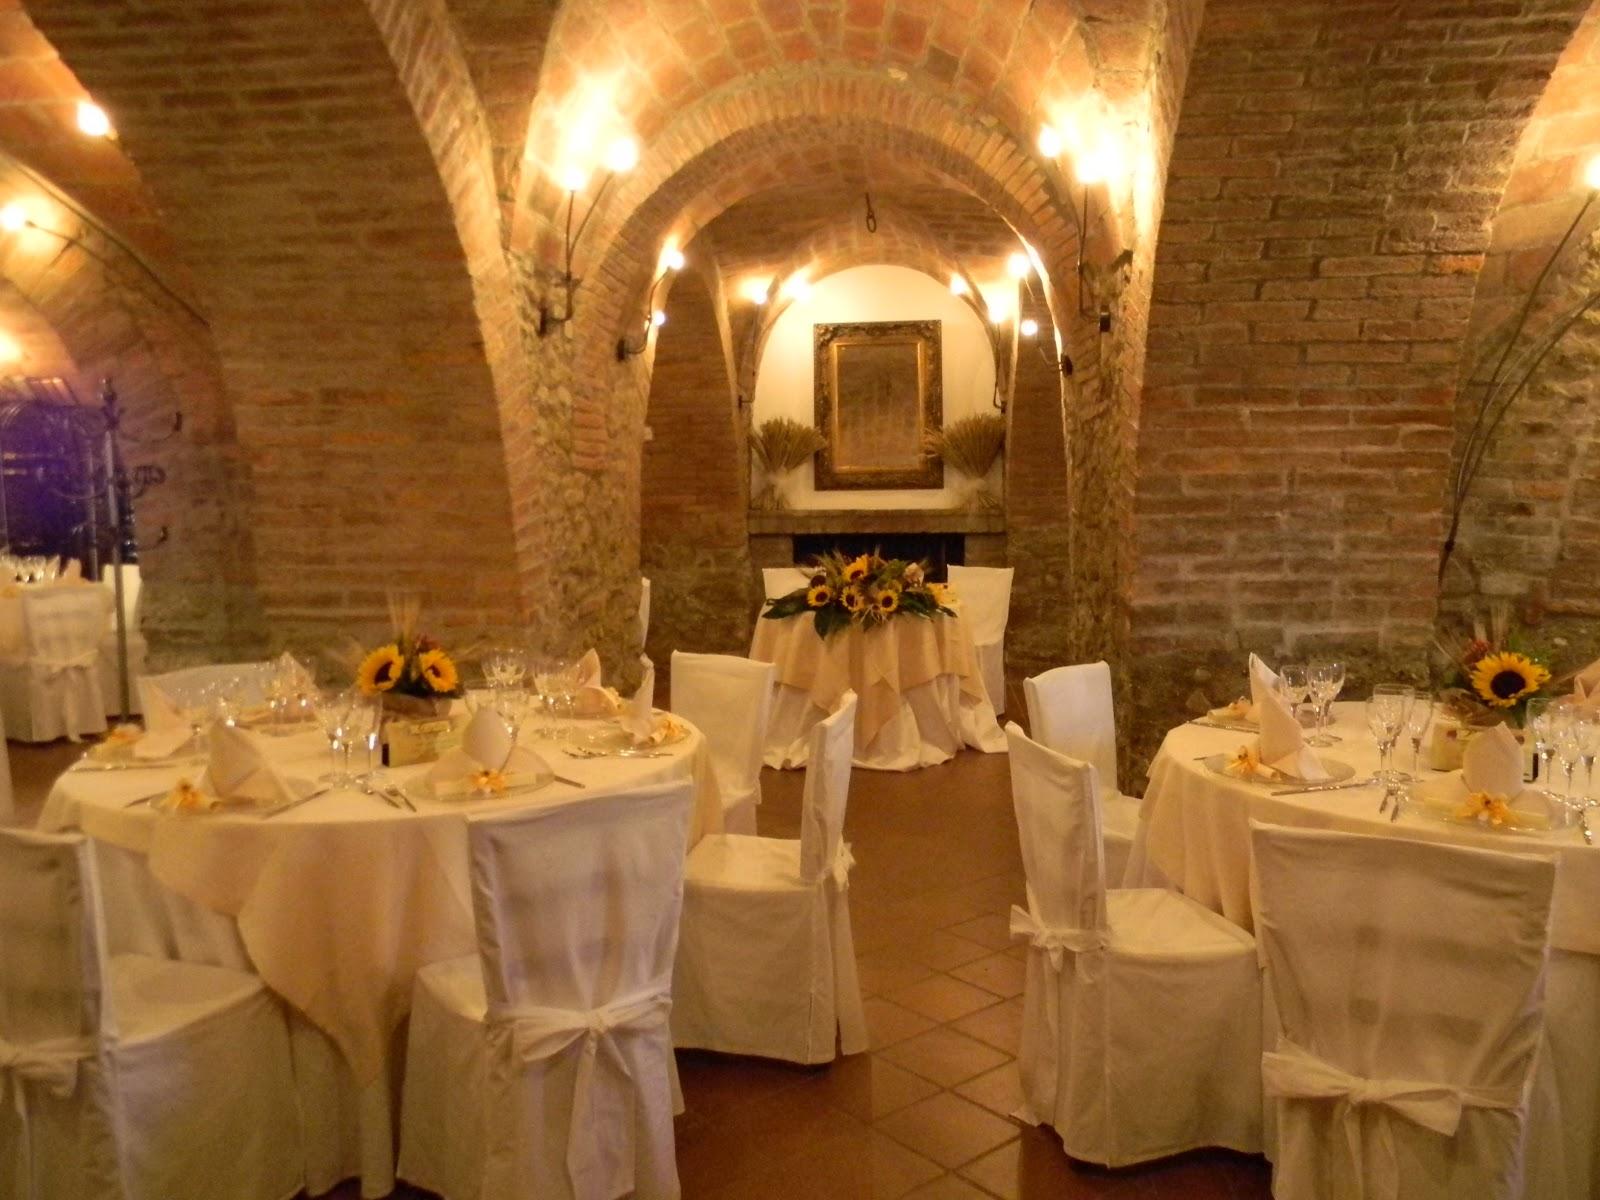 Matrimonio D Inverno Location Toscana : Sposine il blog della sposa: convento di montepozzali location